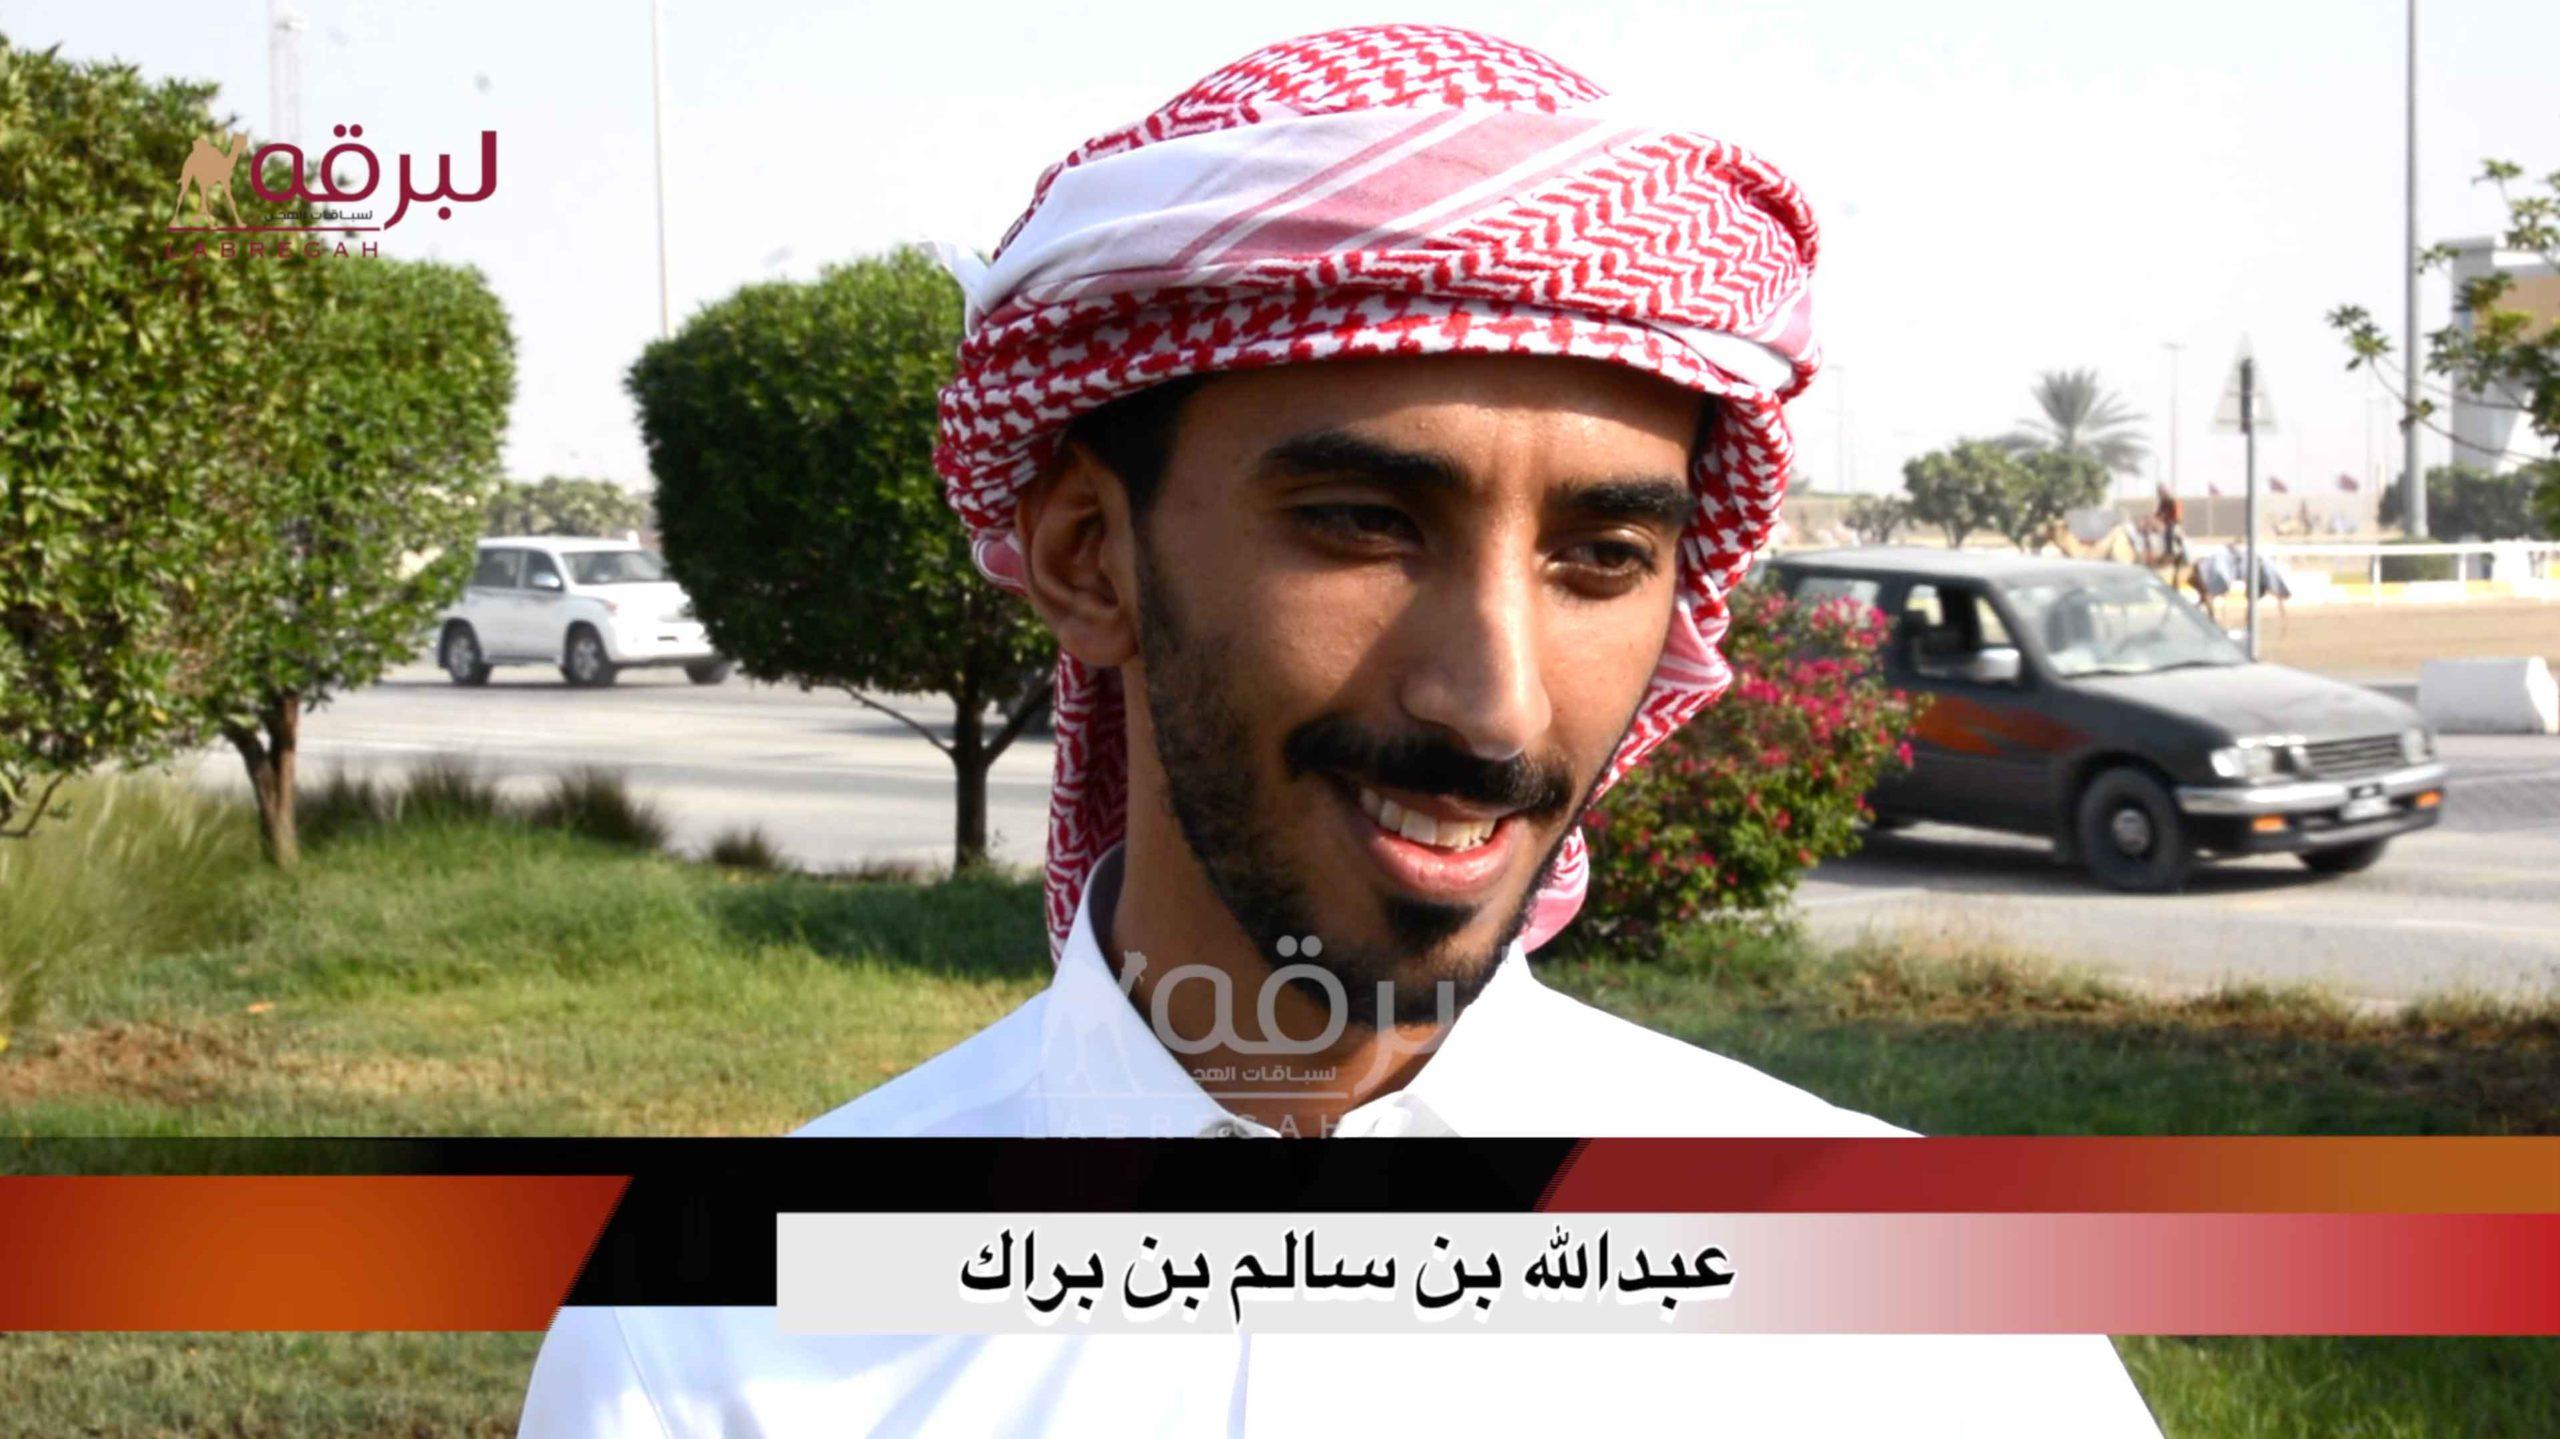 لقاء مع عبدالله سالم بن براك الزبداني.. الشوط الرئيسي للحقايق قعدان مفتوح صباح ٢٠-٩-٢٠٢٠